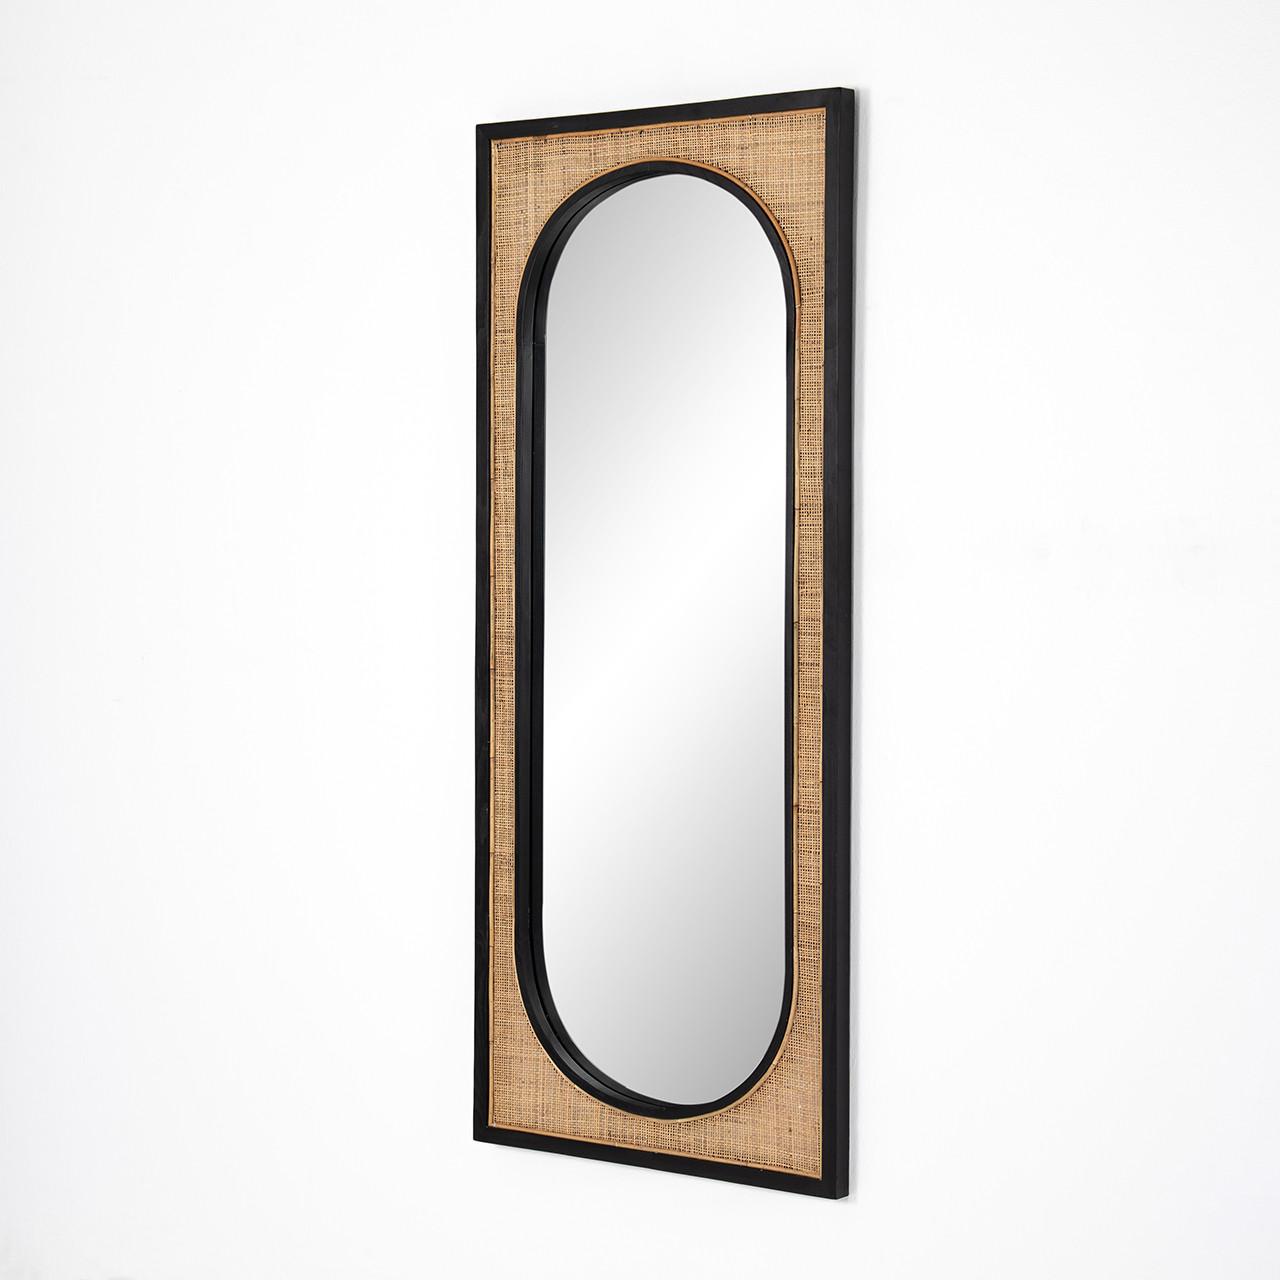 Candon Floor Mirror - Ebony Black